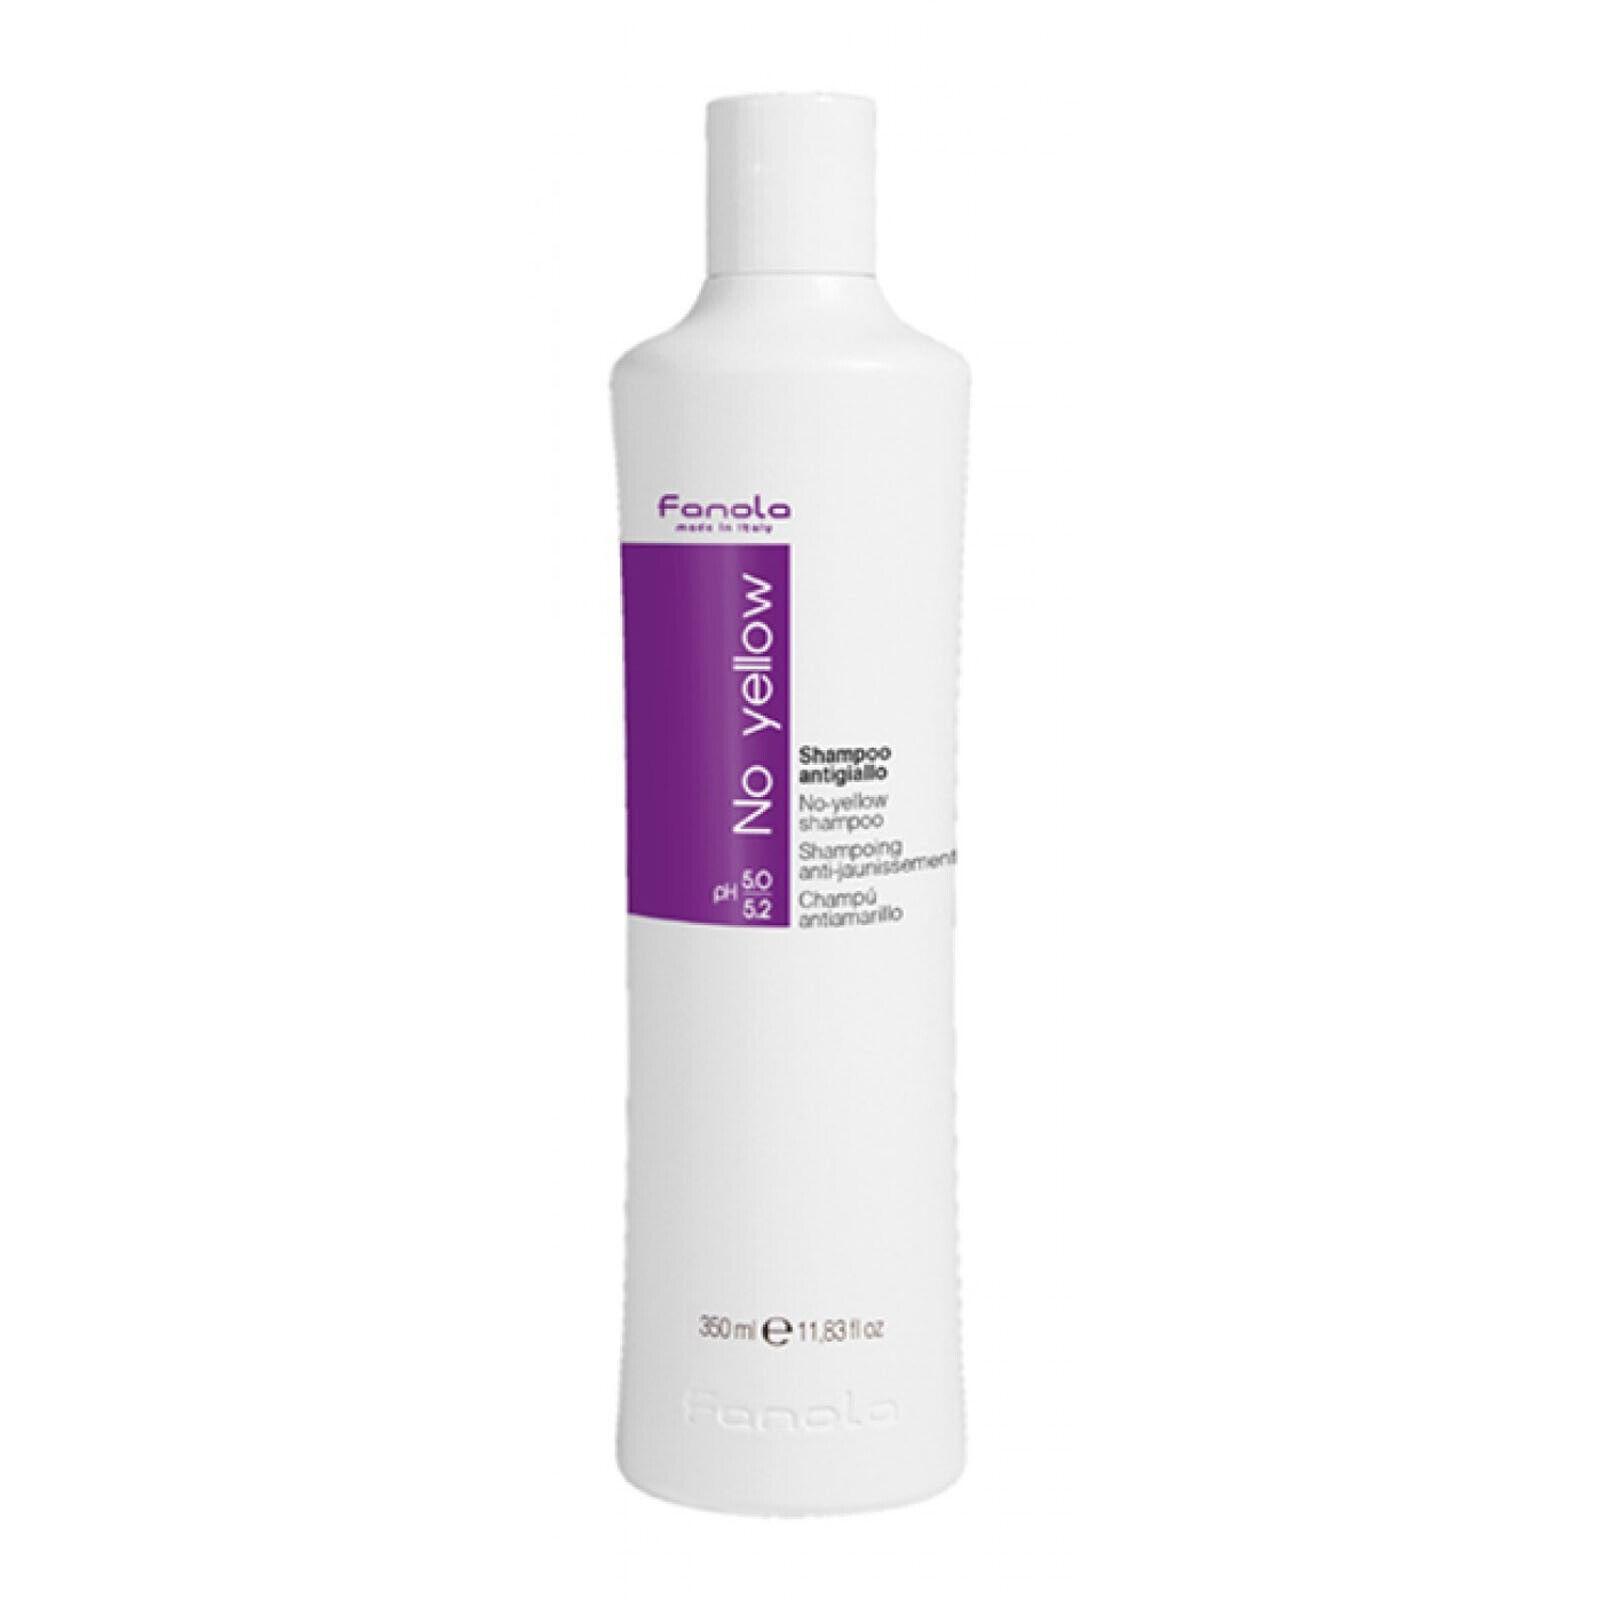 Fanola No Yellow Shampoo gegen Gelbstich für blondes Haar anti Gelb 350 ml